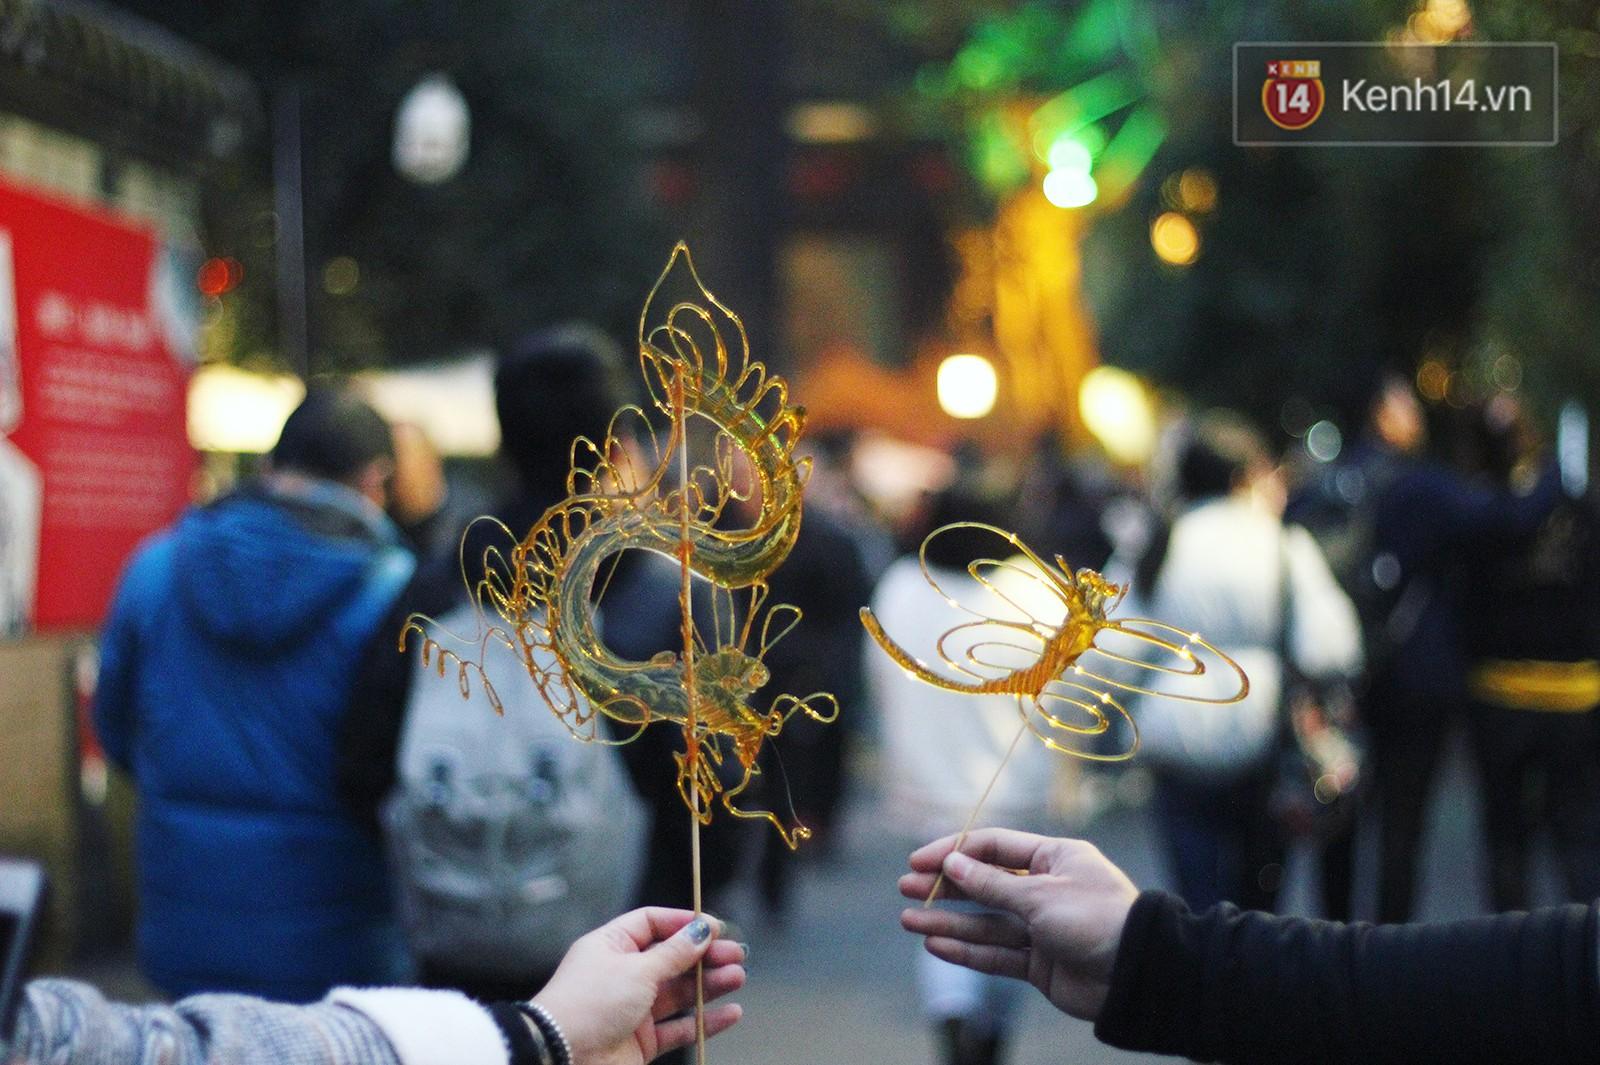 Vẽ rồng vẽ phượng chỉ từ... đường để tạo nên những chiếc kẹo ngọt ngào, ẩm thực Trung Quốc quả là tài tình - Ảnh 6.